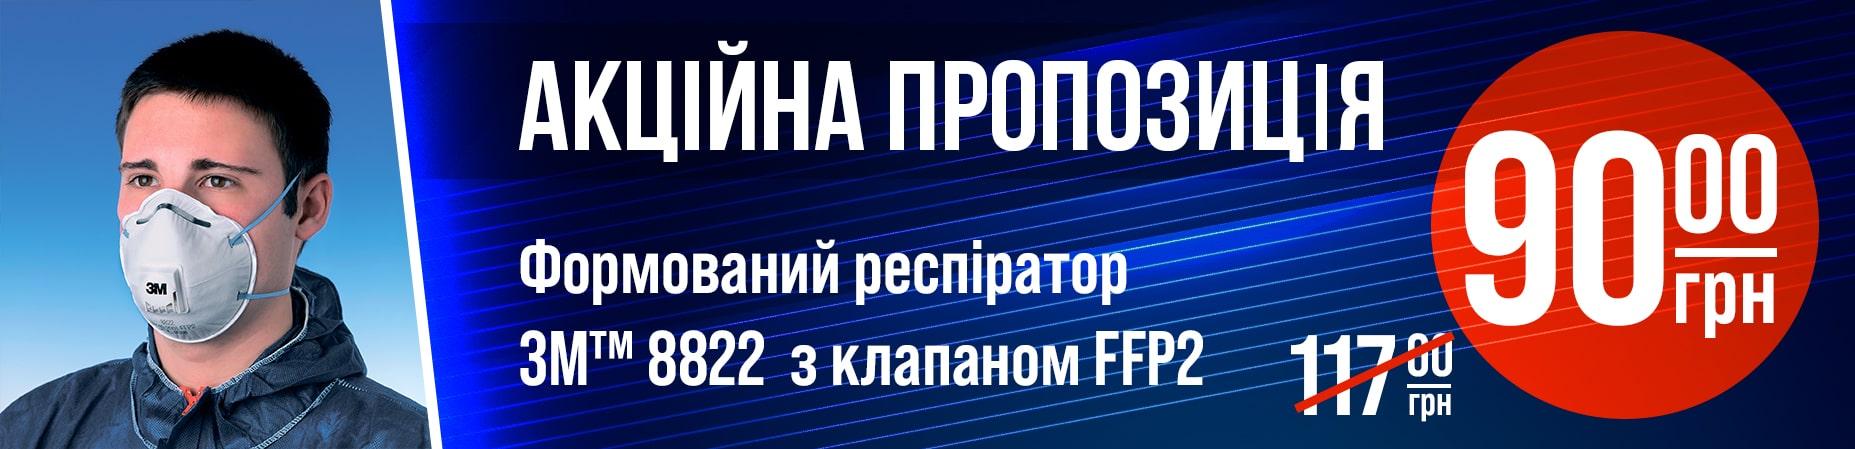 Формований респіратор 3М 8822 за 90 грн.